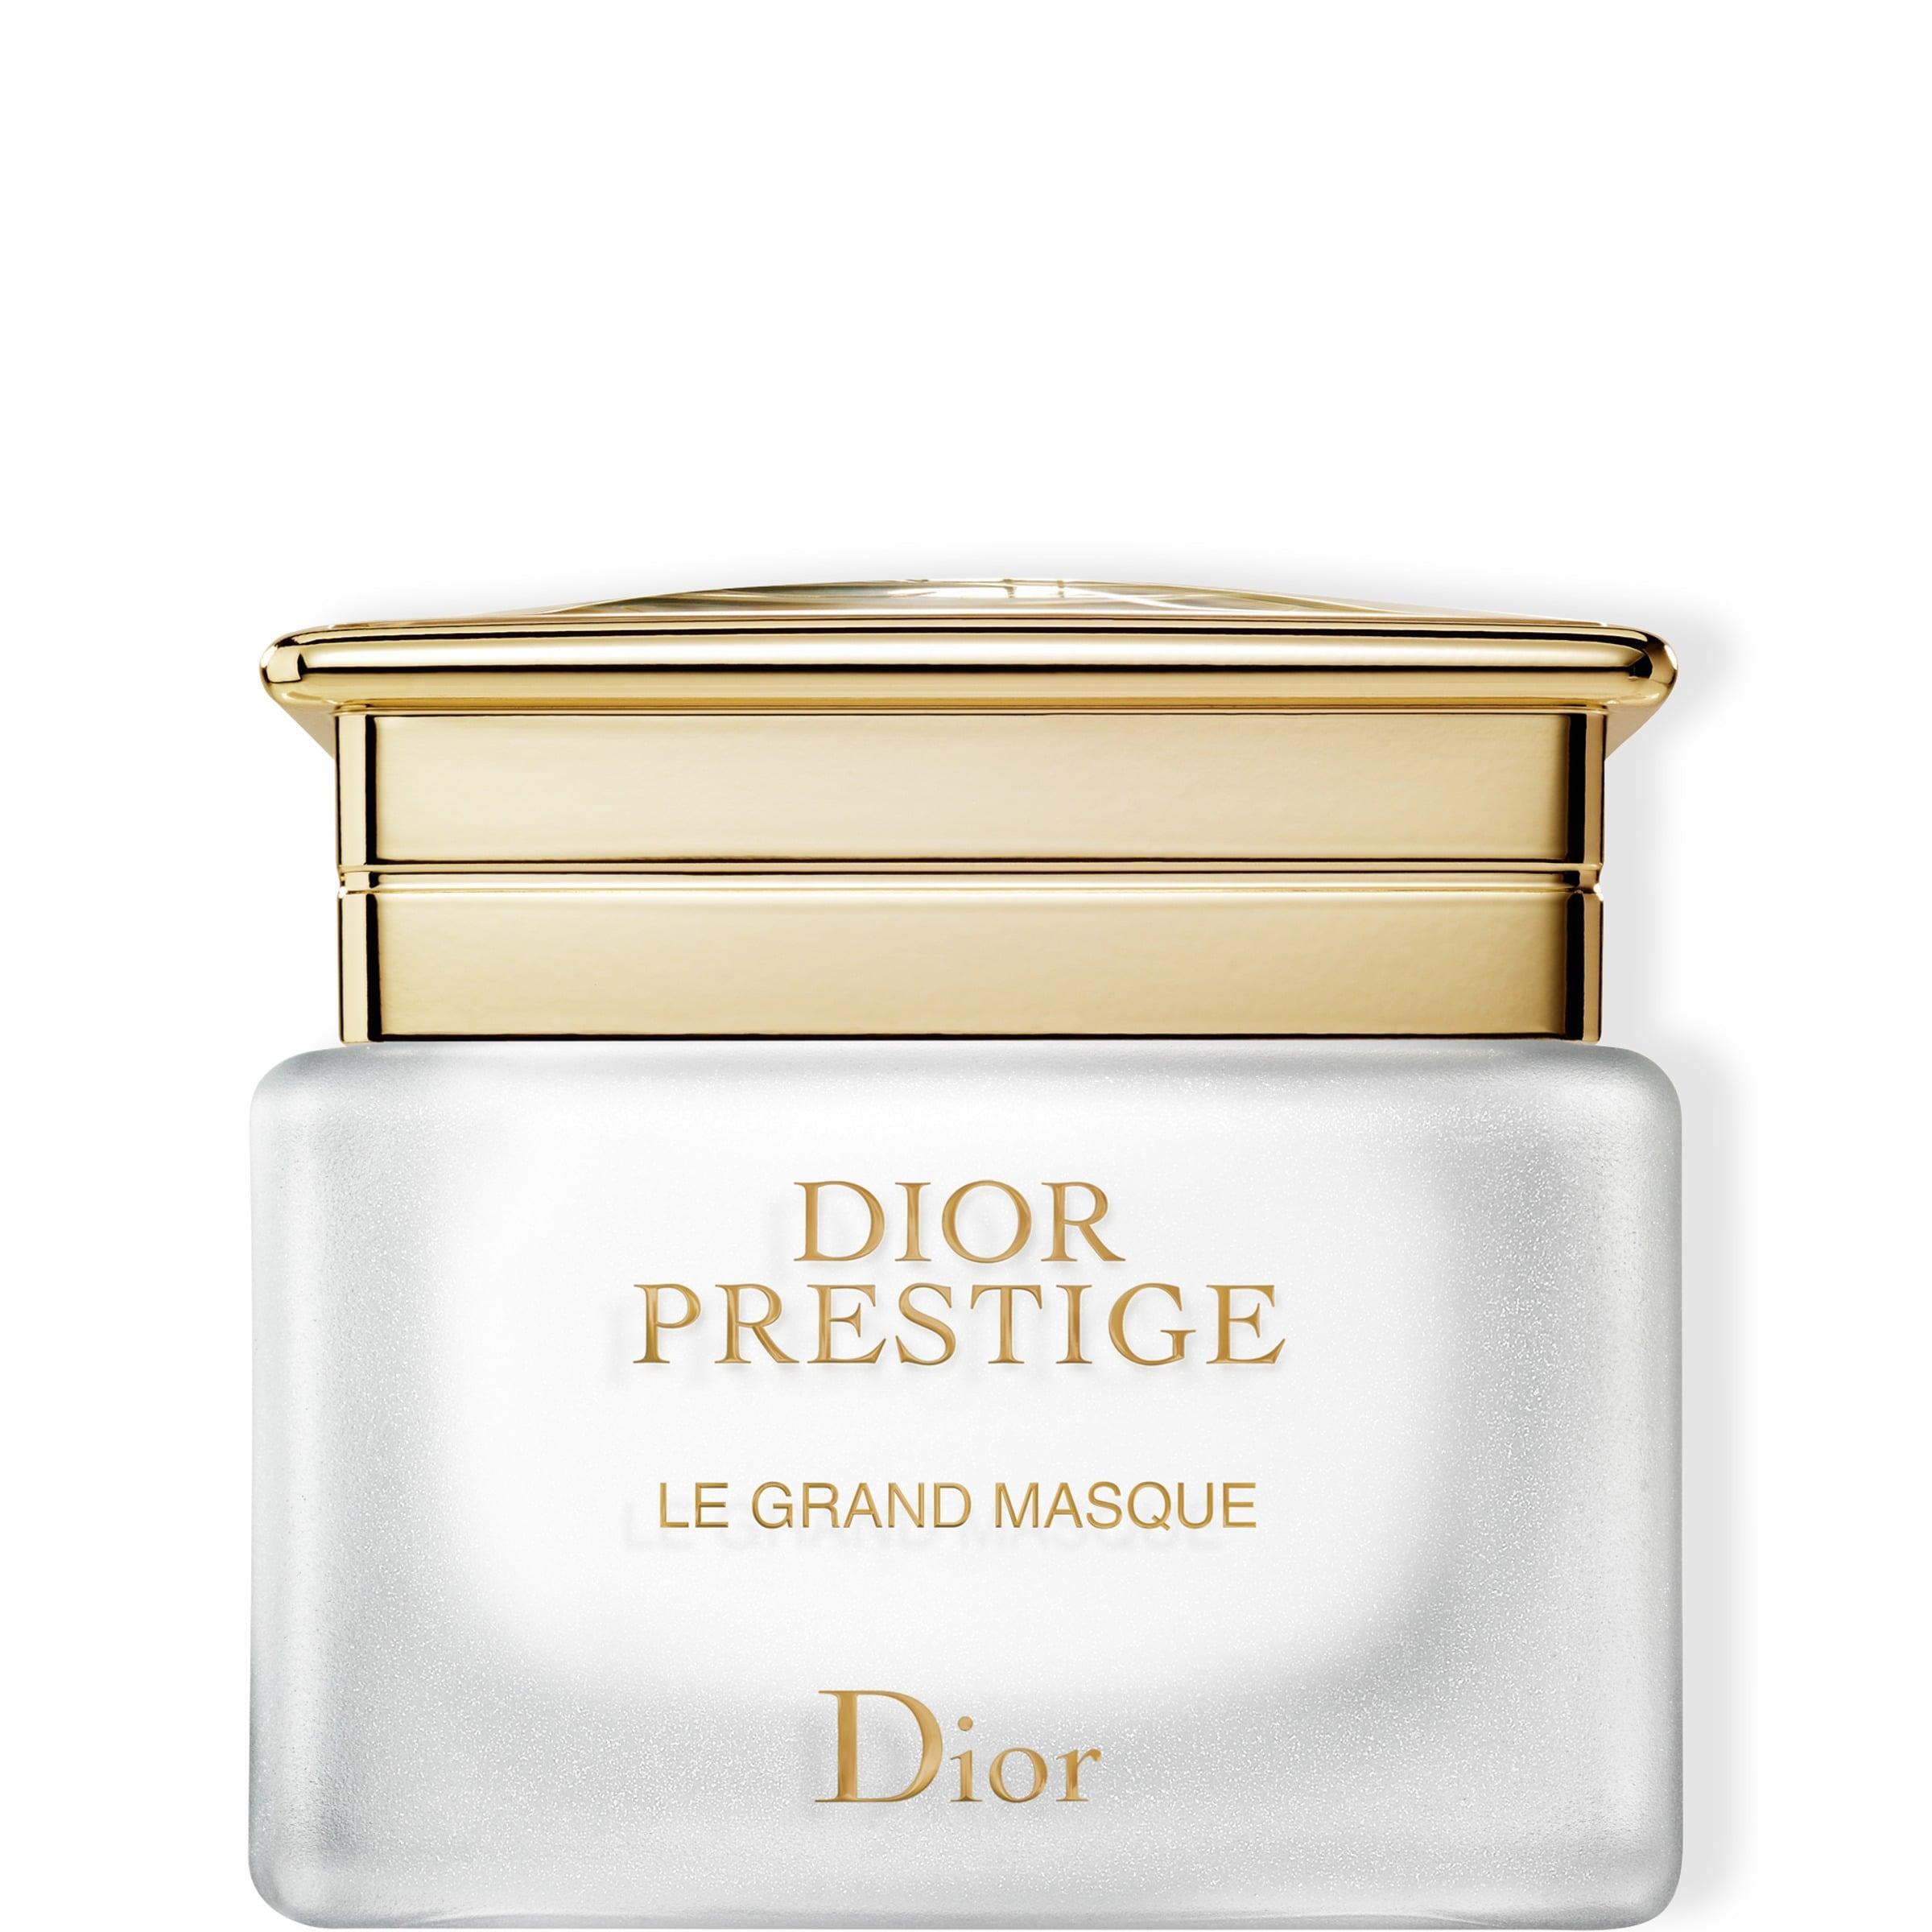 Dior Prestige Le Grand Masque 50ml